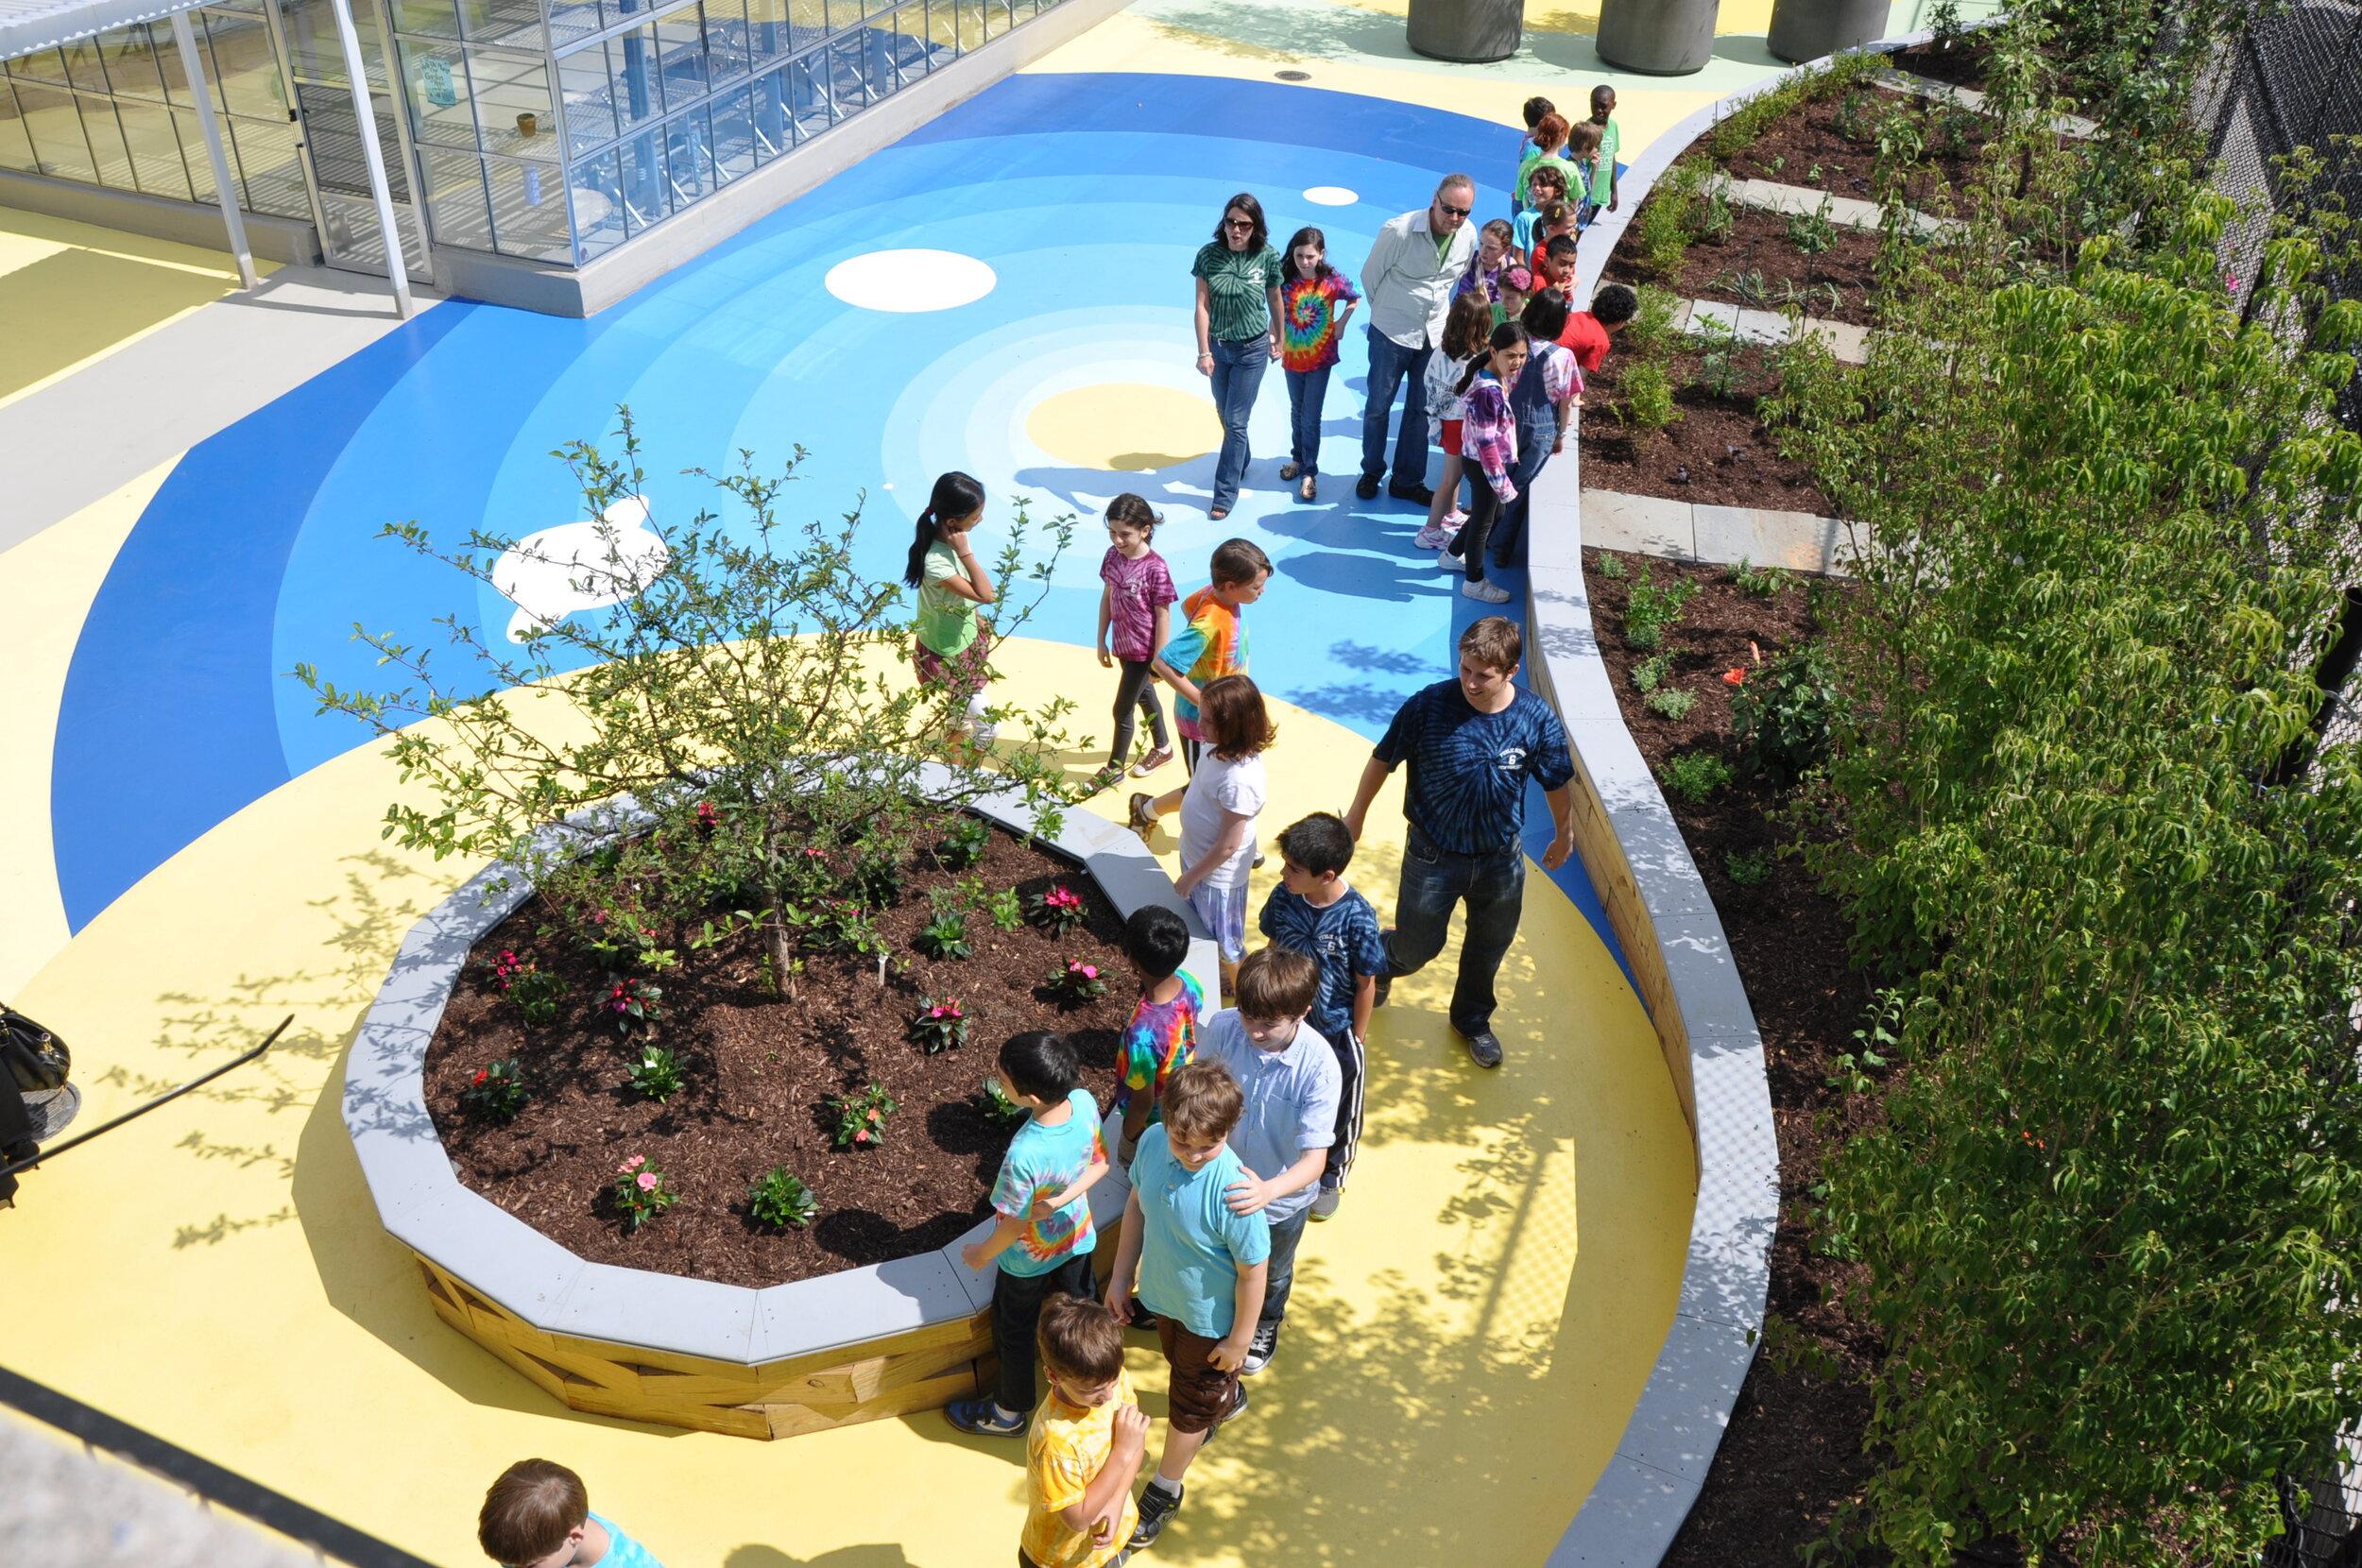 曼哈顿PS 6生态中心的强化绿色屋顶作为一个户外教室,为学生提供了众多动手的学习机会,并作为所有学校的型号,如何优化不同屋顶上的富有成效和教育计划。2014 GRHC卓越奖获奖项目:MKM景观建筑P.C.